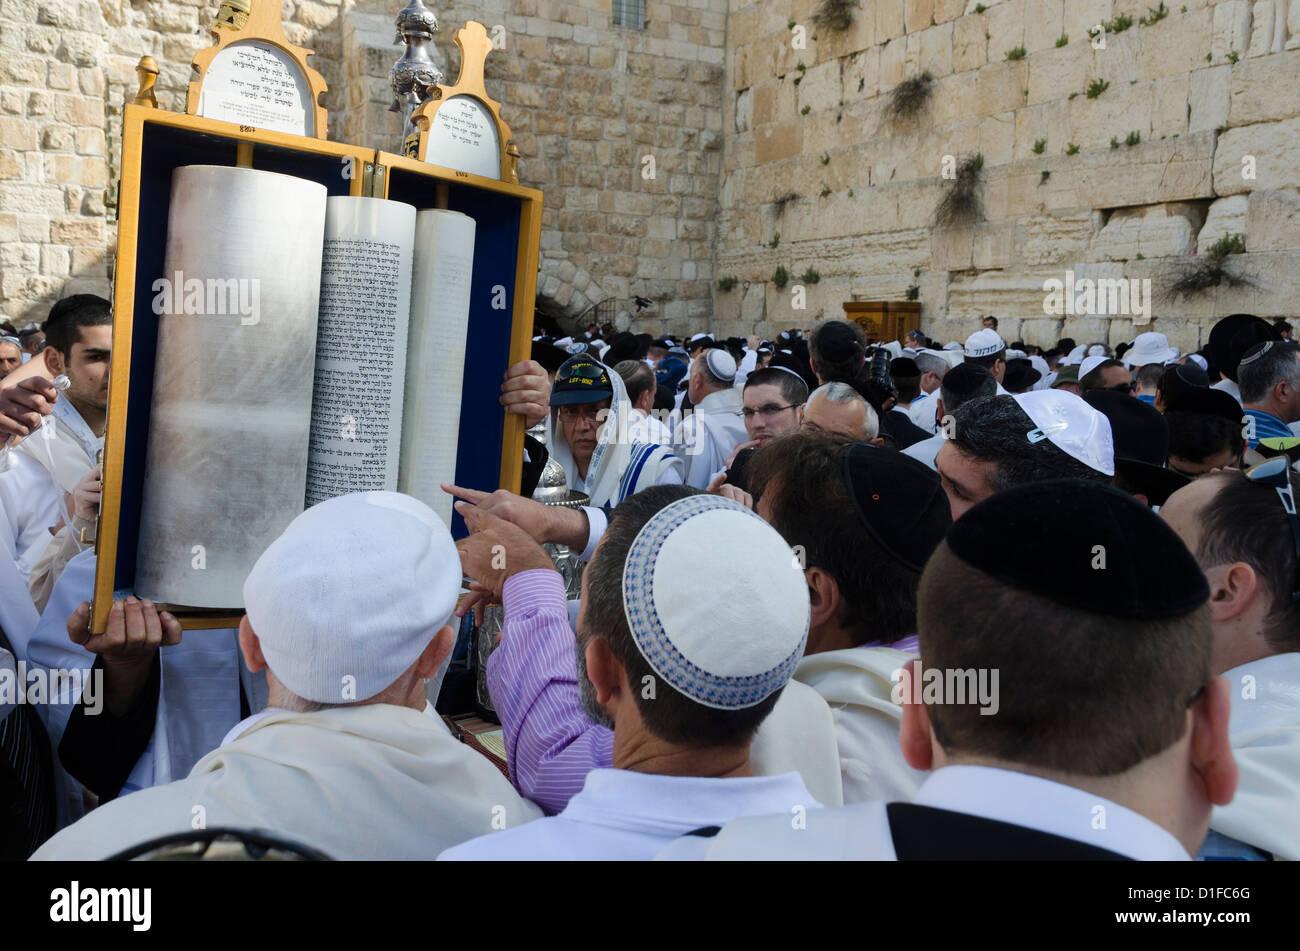 Tradizionale di Cohen benedizione presso il Muro Occidentale durante la Pasqua festa ebraica di Gerusalemme la città Immagini Stock